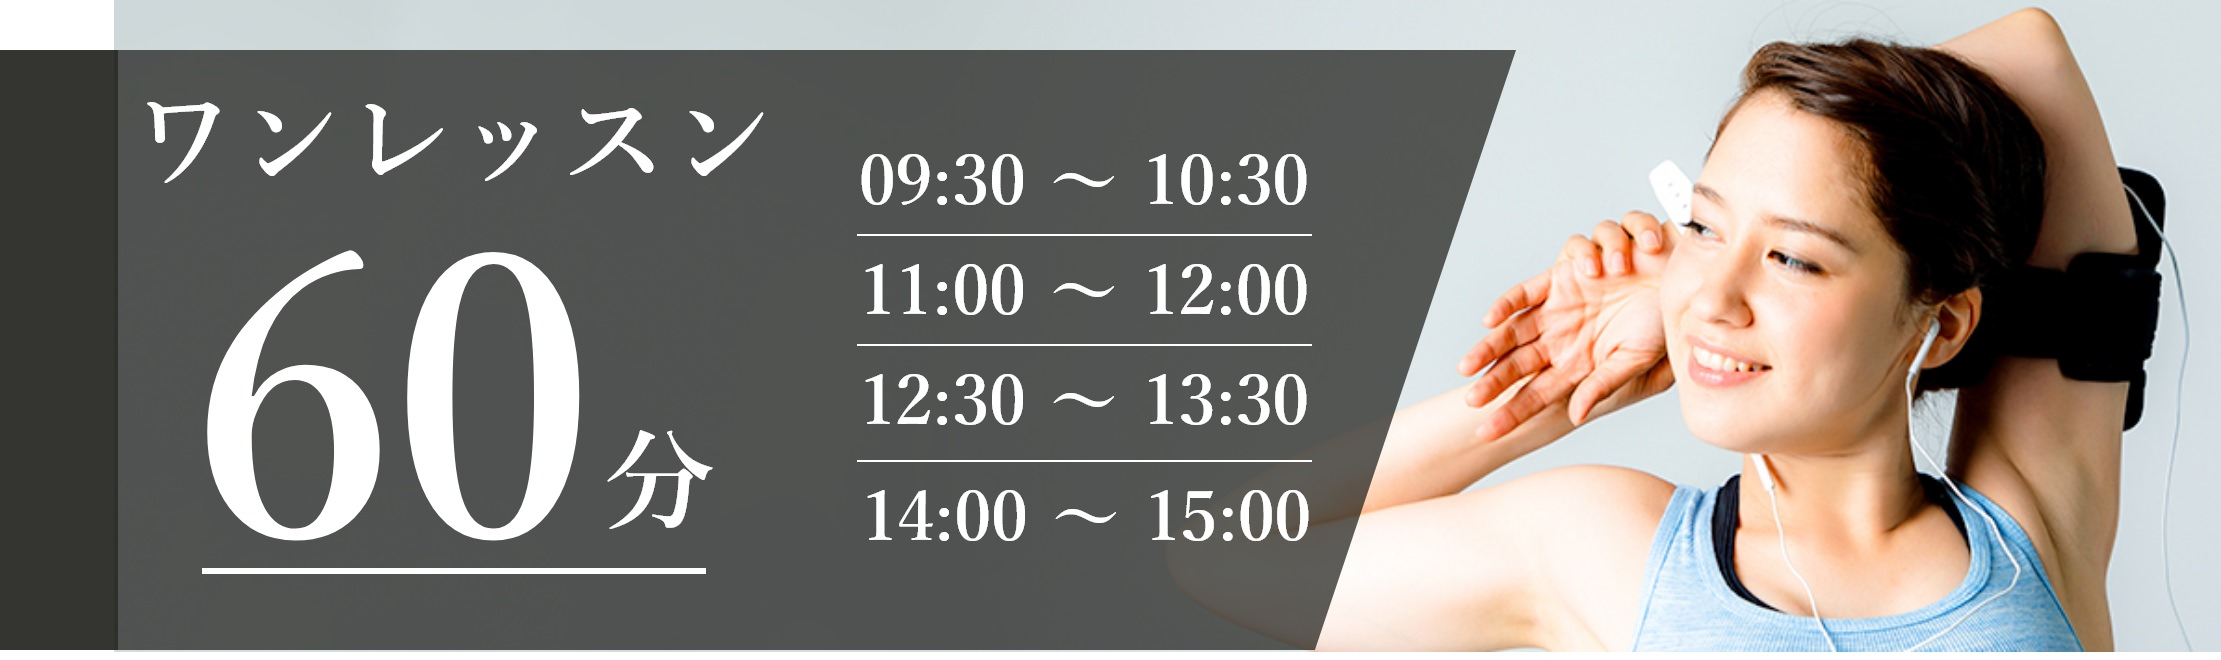 ワンレッスン 60分 / 9:30~10:30 , 11:00~12:00 , 12:30~13:30 , 14:00~15:00